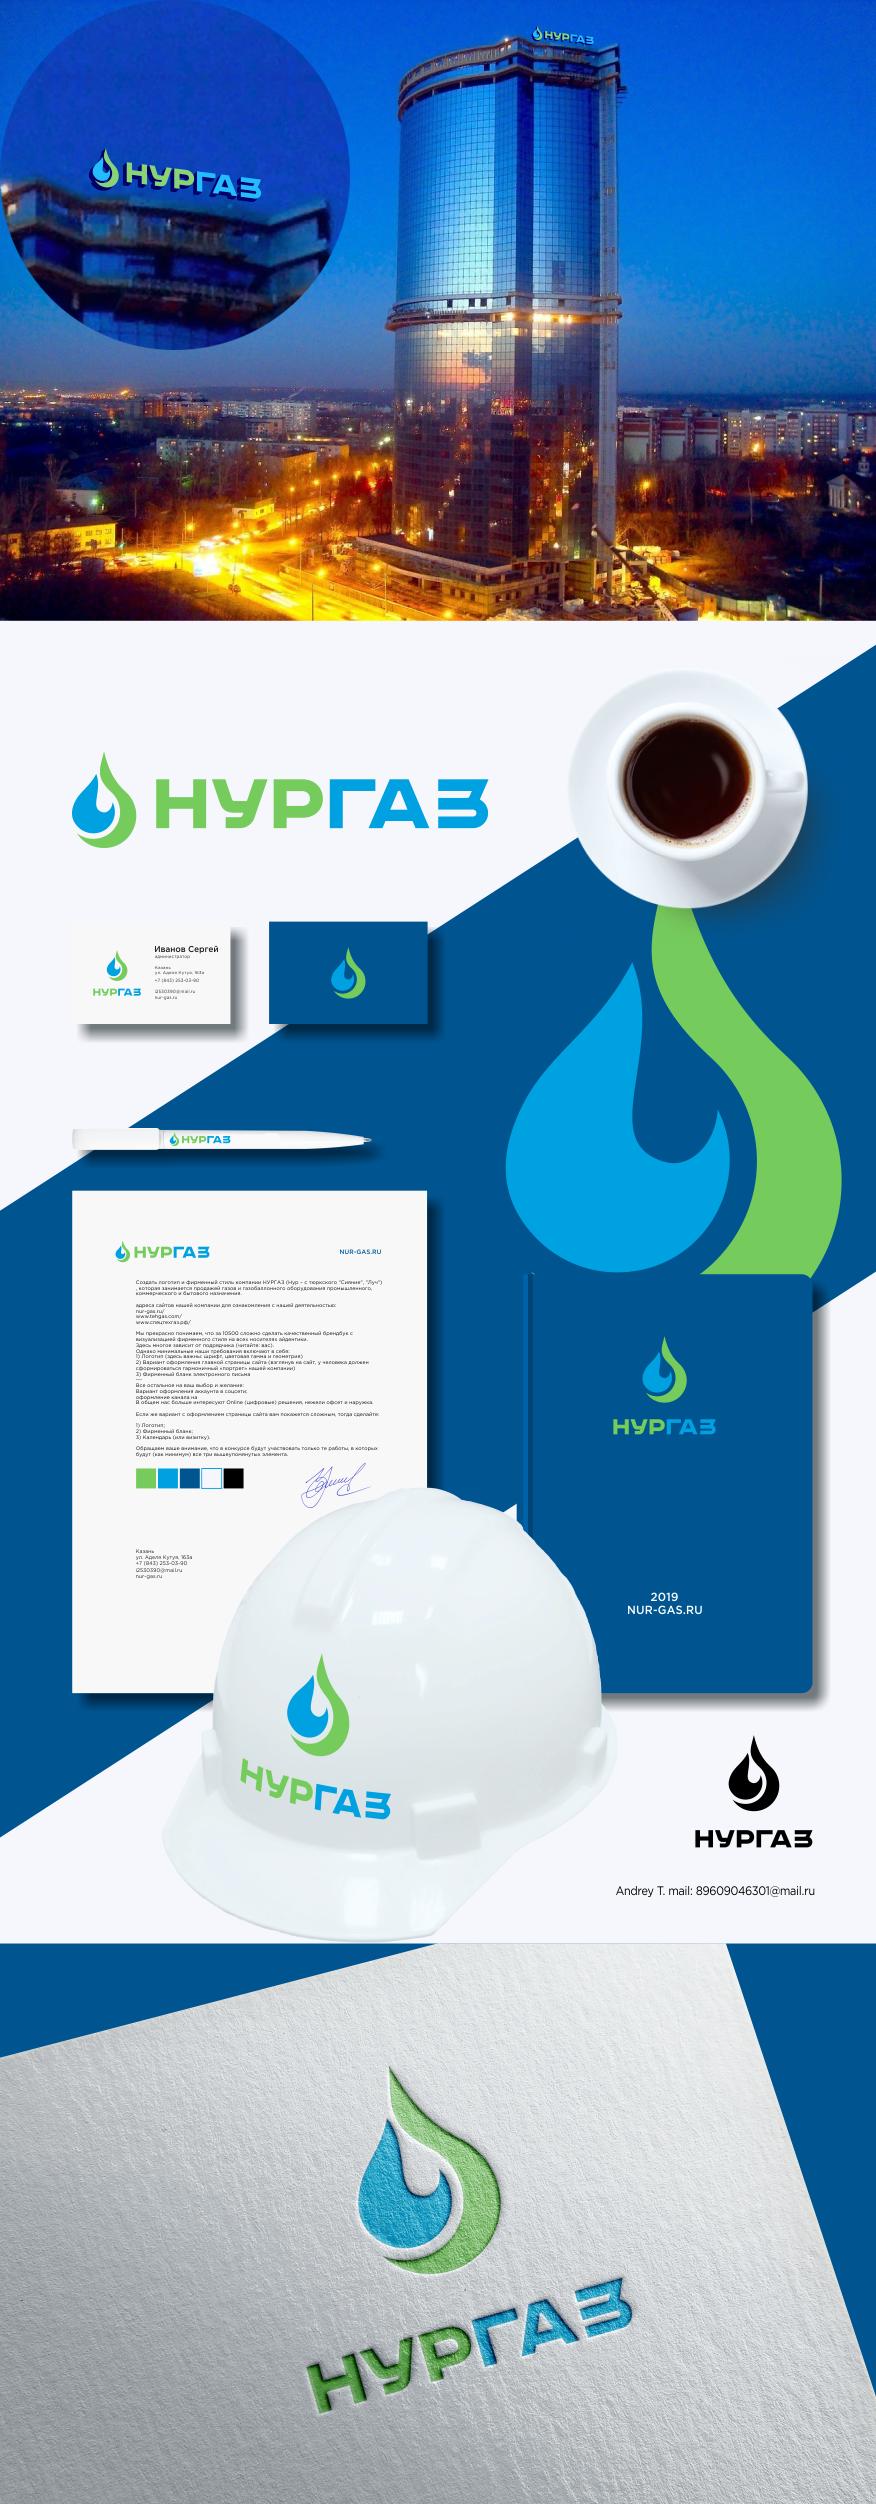 Разработка логотипа и фирменного стиля фото f_2835d9b2141bc6d0.png